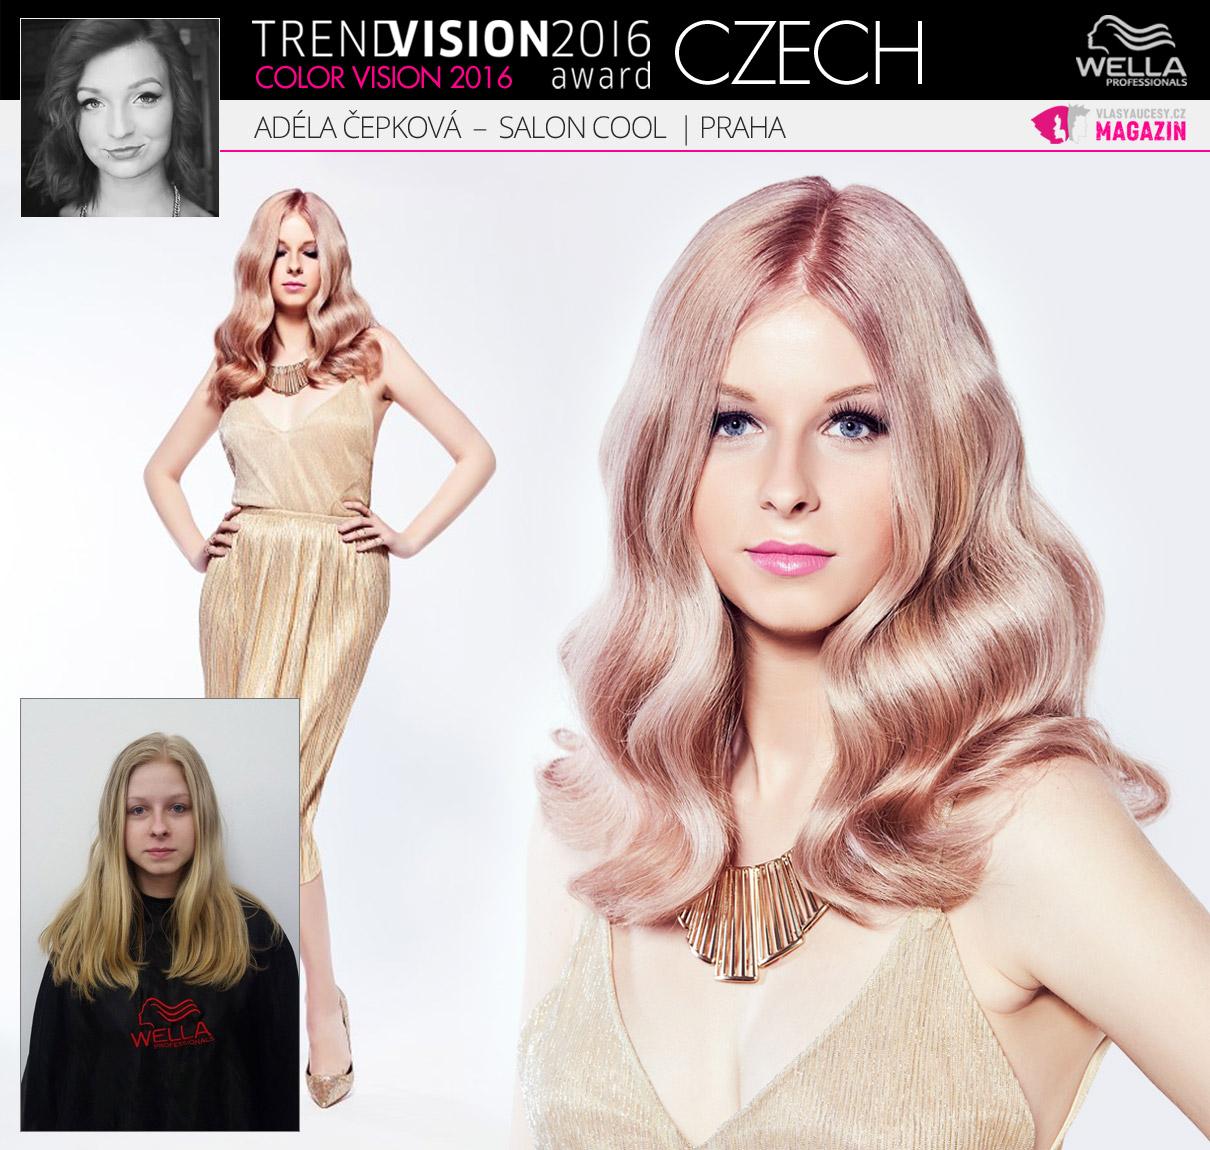 Adéla Čepková, Salon Cool, Praha –Wella Professionals Trend Vision Award Česká republika, kategorie Color Vision 2016.